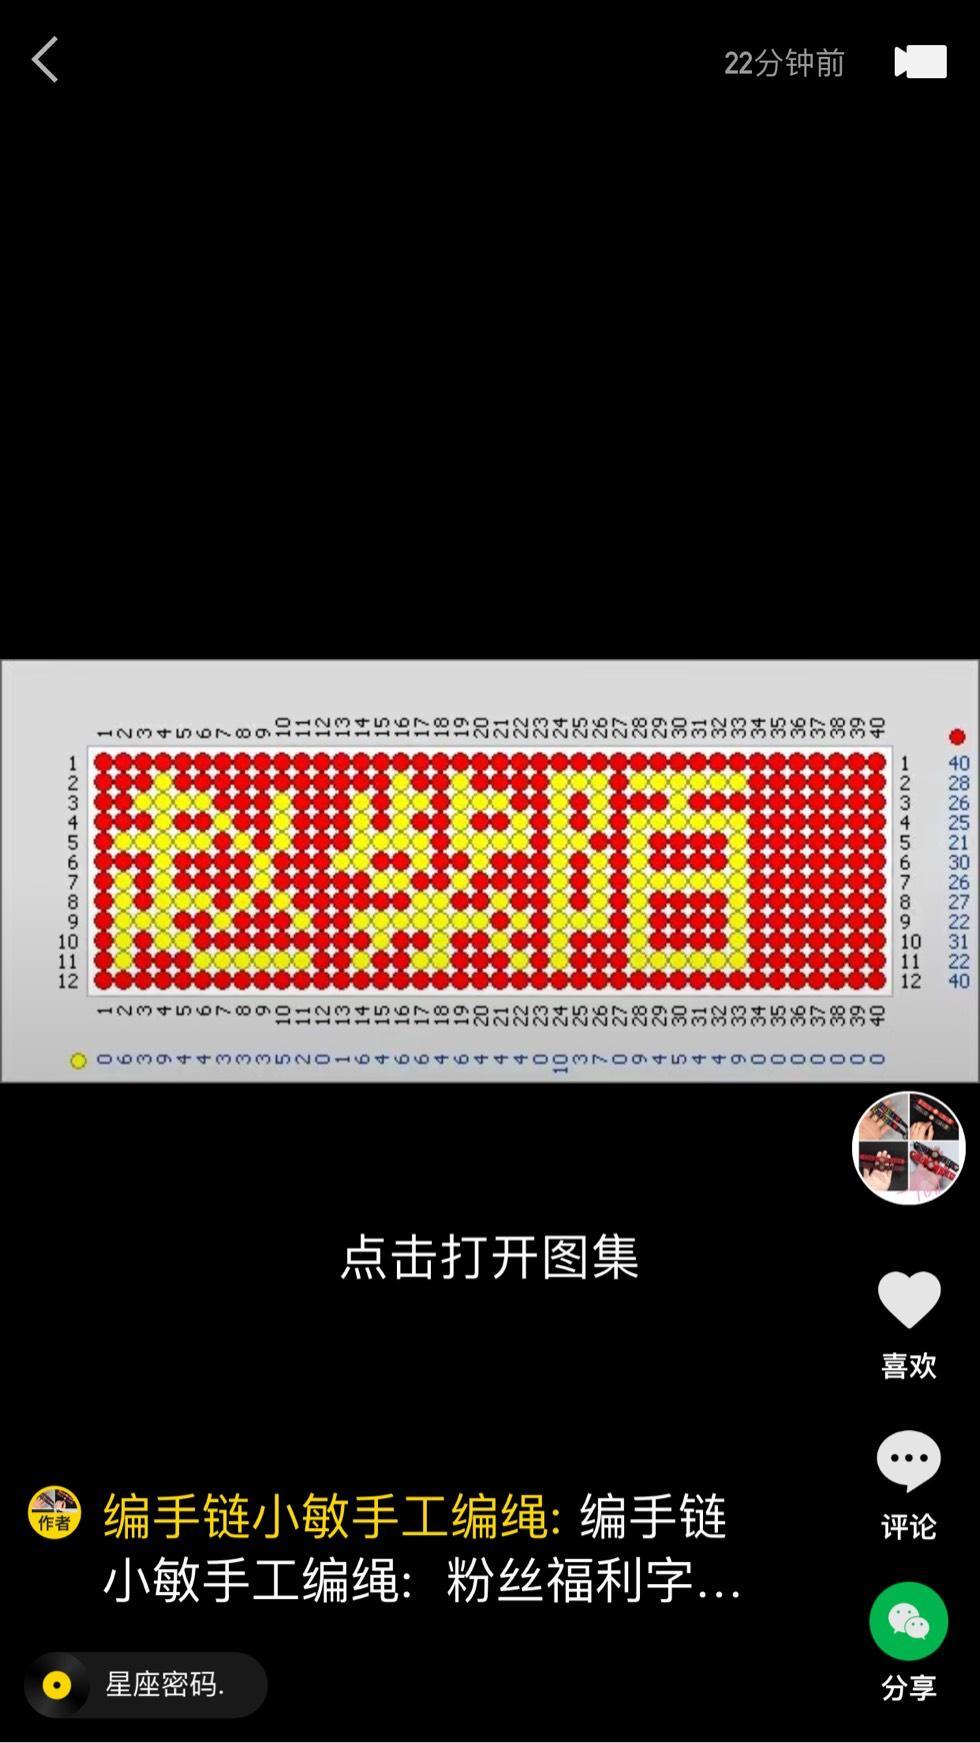 中国结论坛 送给我的儿子,女儿,满满爱心 发朋友圈女儿生日感言,女儿四岁生日的说说,孩子生日想发个朋友圈 图文教程区 202030g2t25d30q9zbaqt9